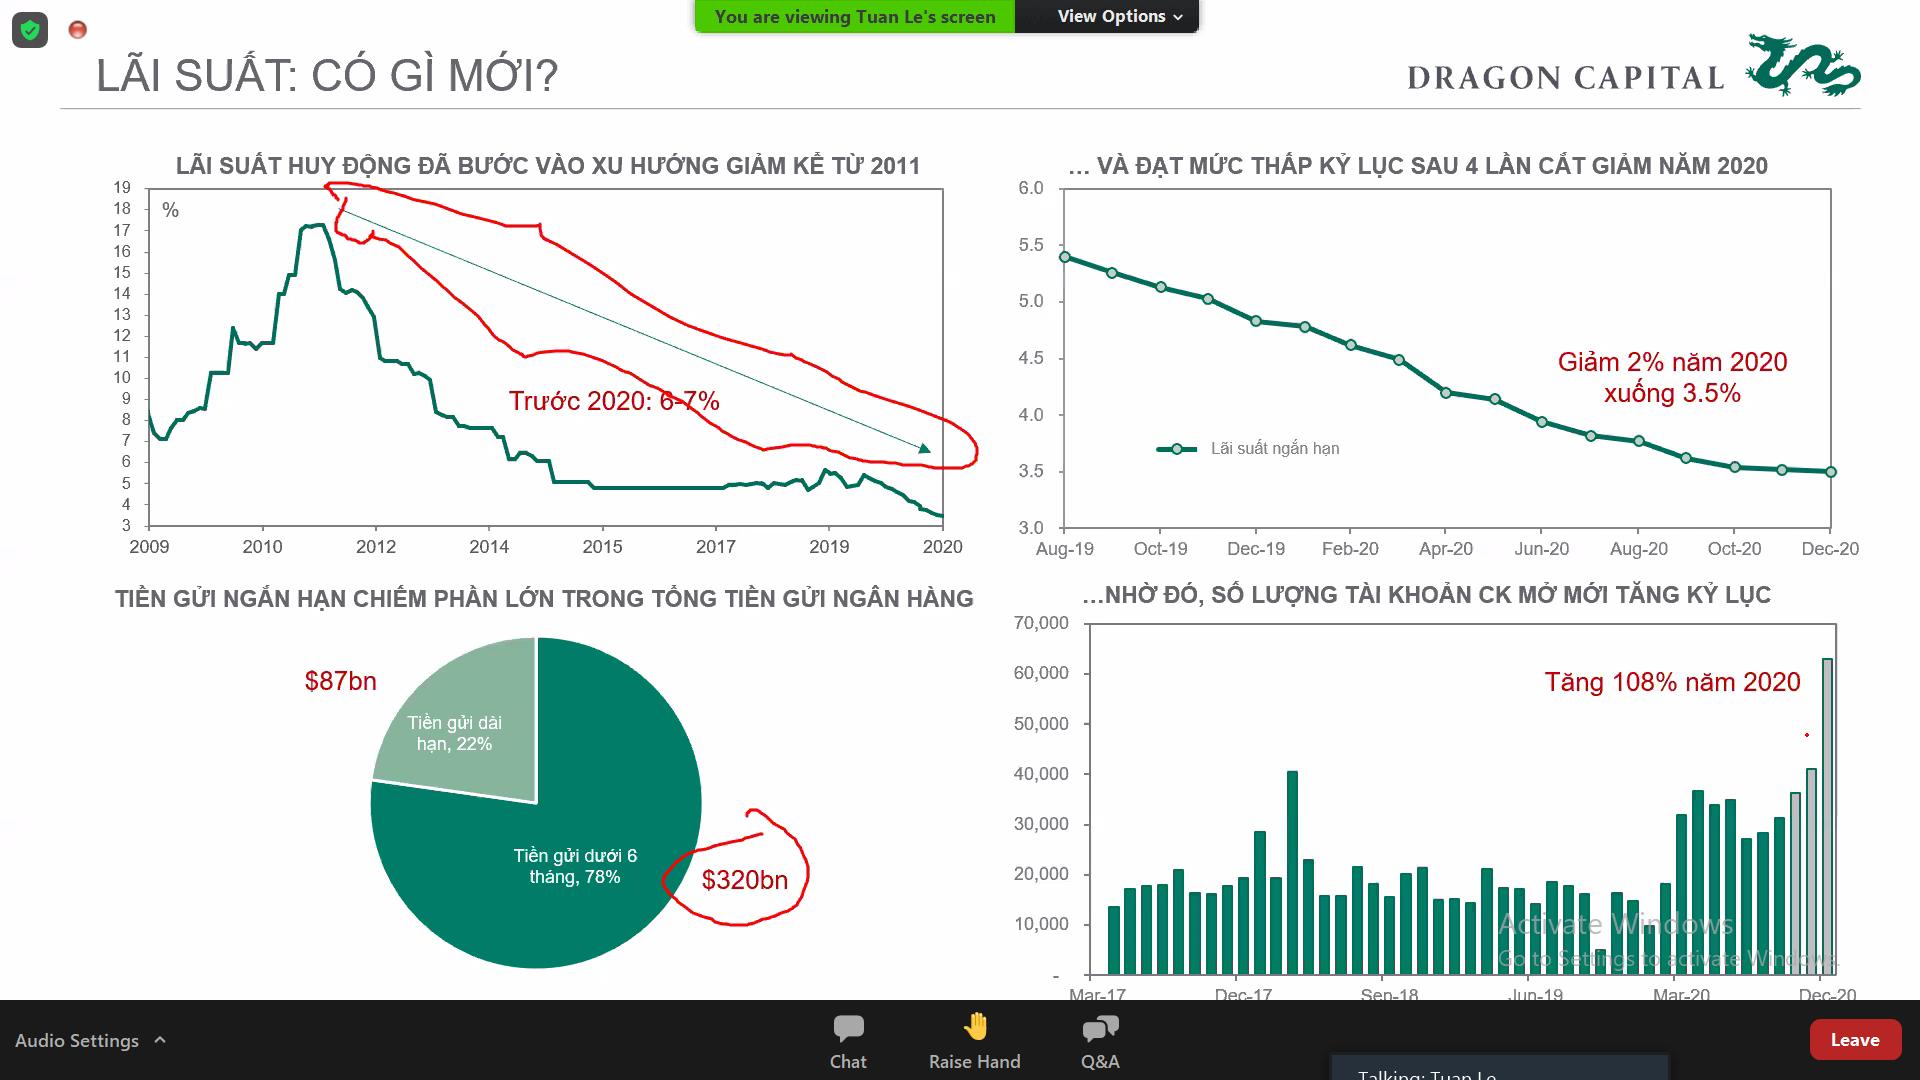 Chuyên gia Dragon Capital: Chứng khoán Việt Nam đang có định giá tốt để đầu tư - Ảnh 1.